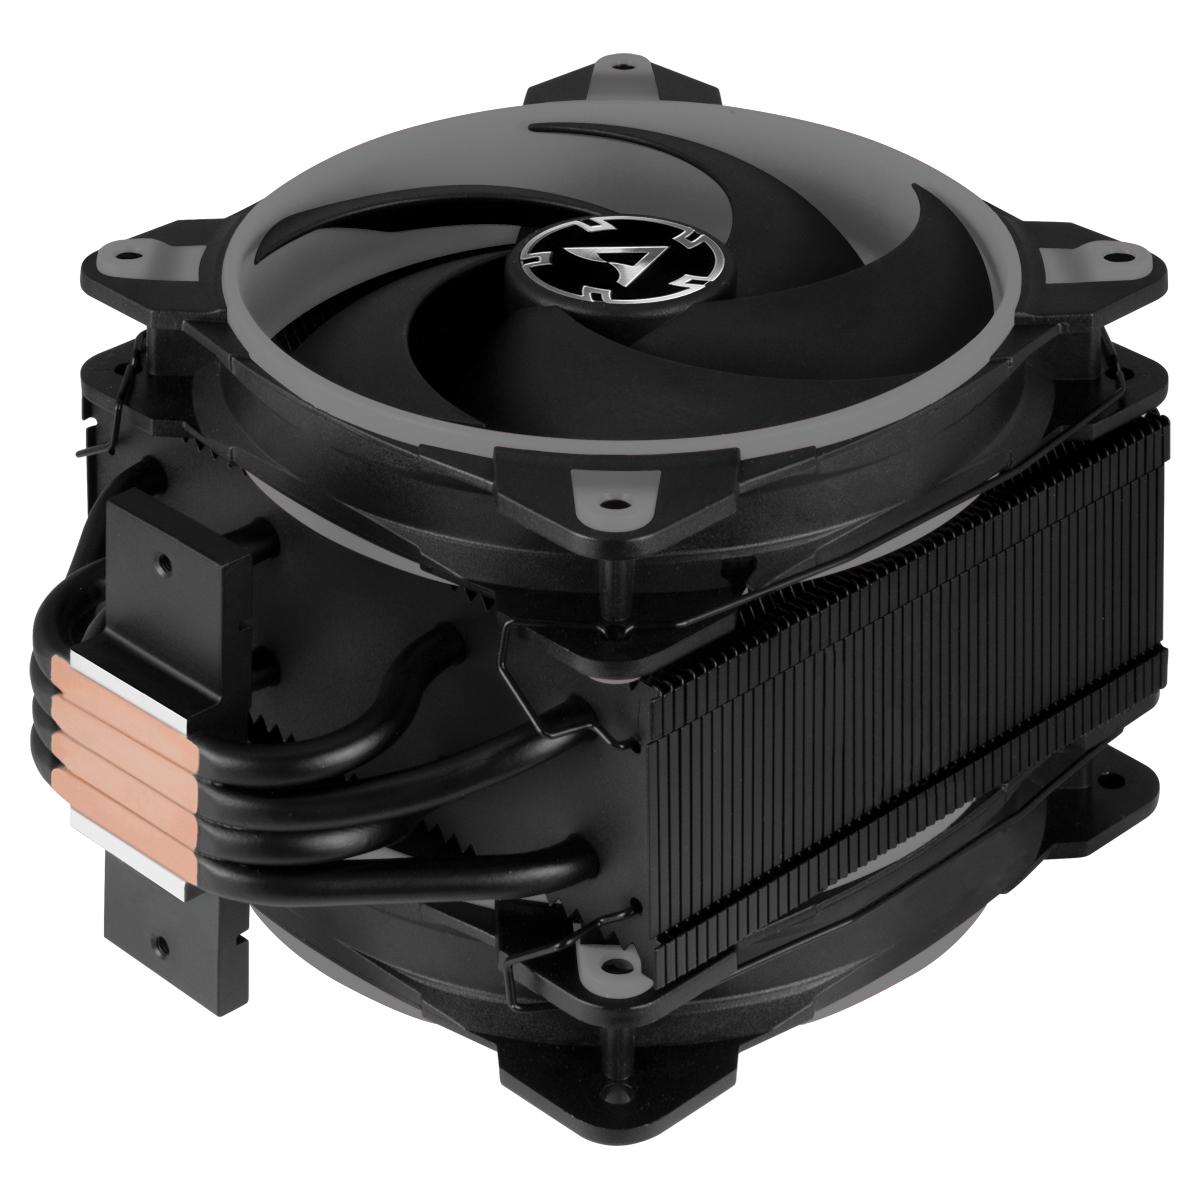 Ψύκτρα CPU Freezer 34 eSports DUO Grey ACFRE00075A (MX-4 0.8gr included)